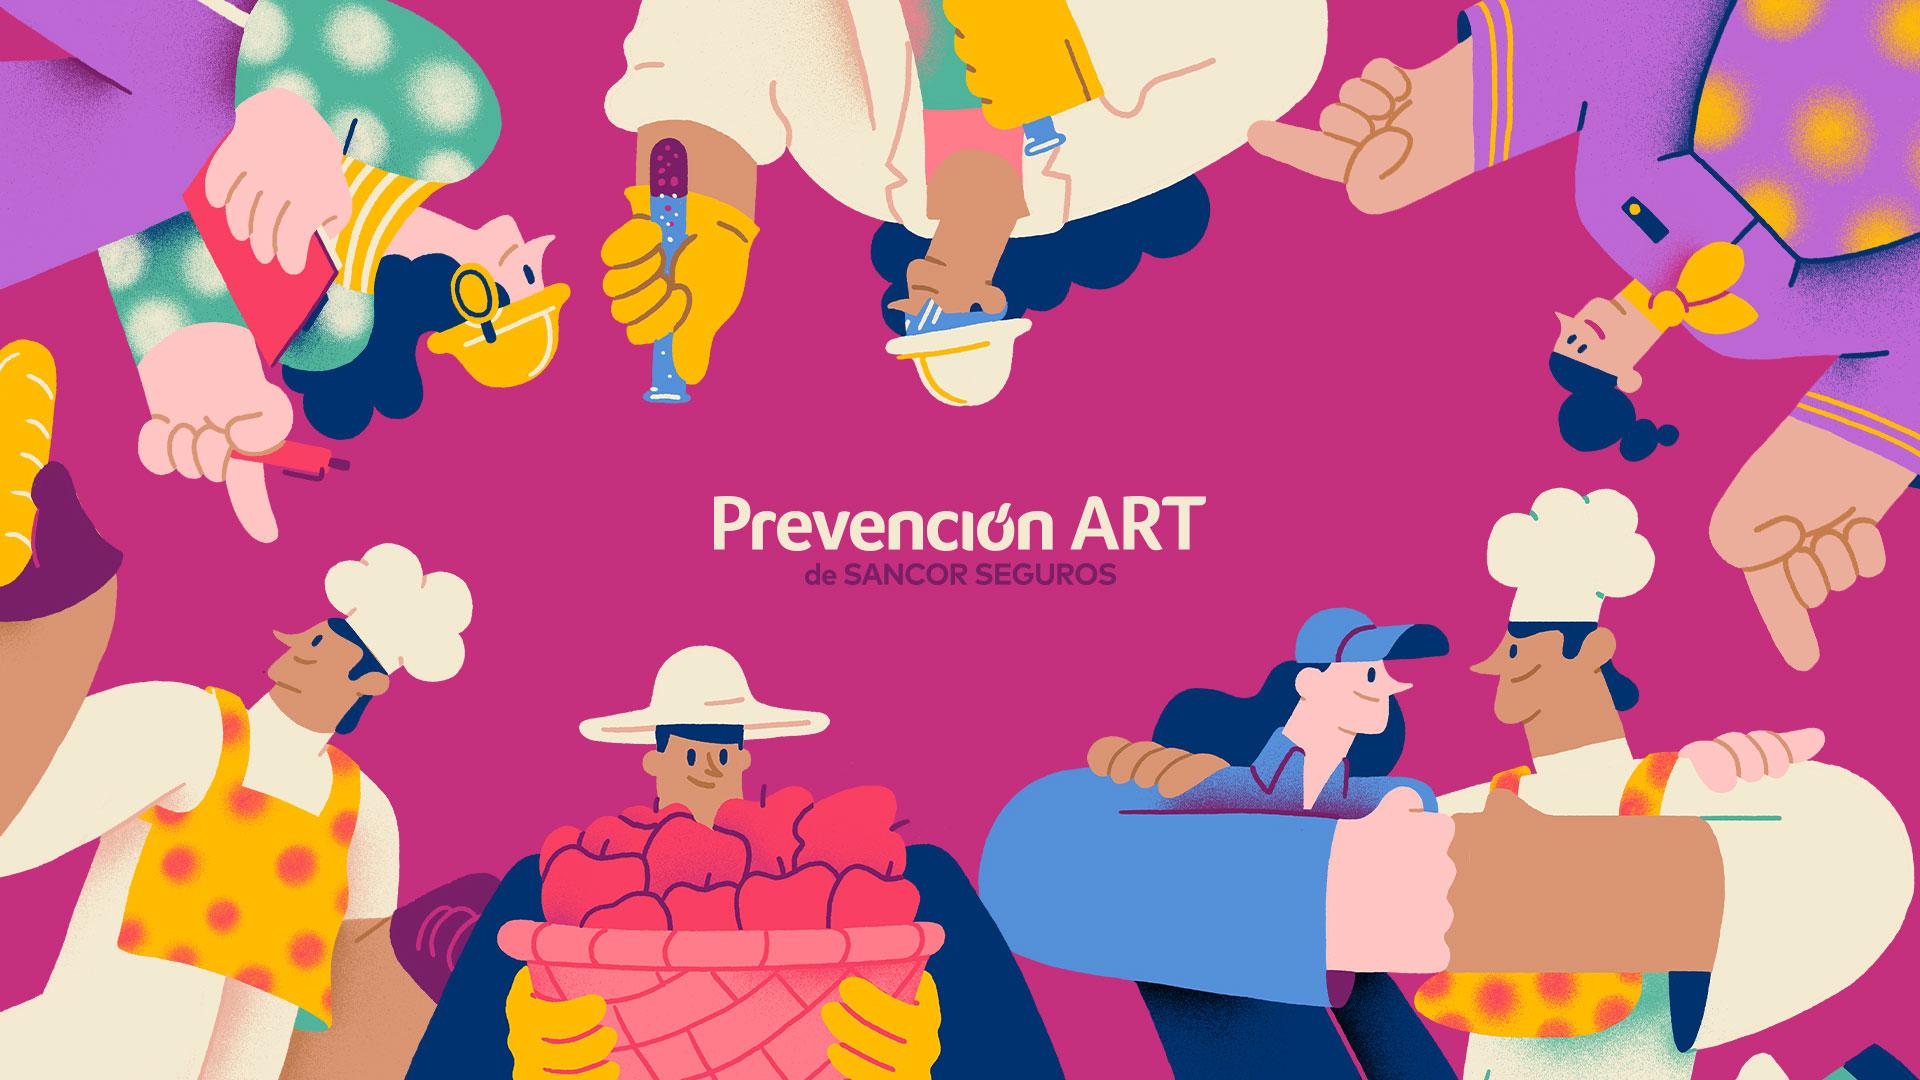 P_ART_10